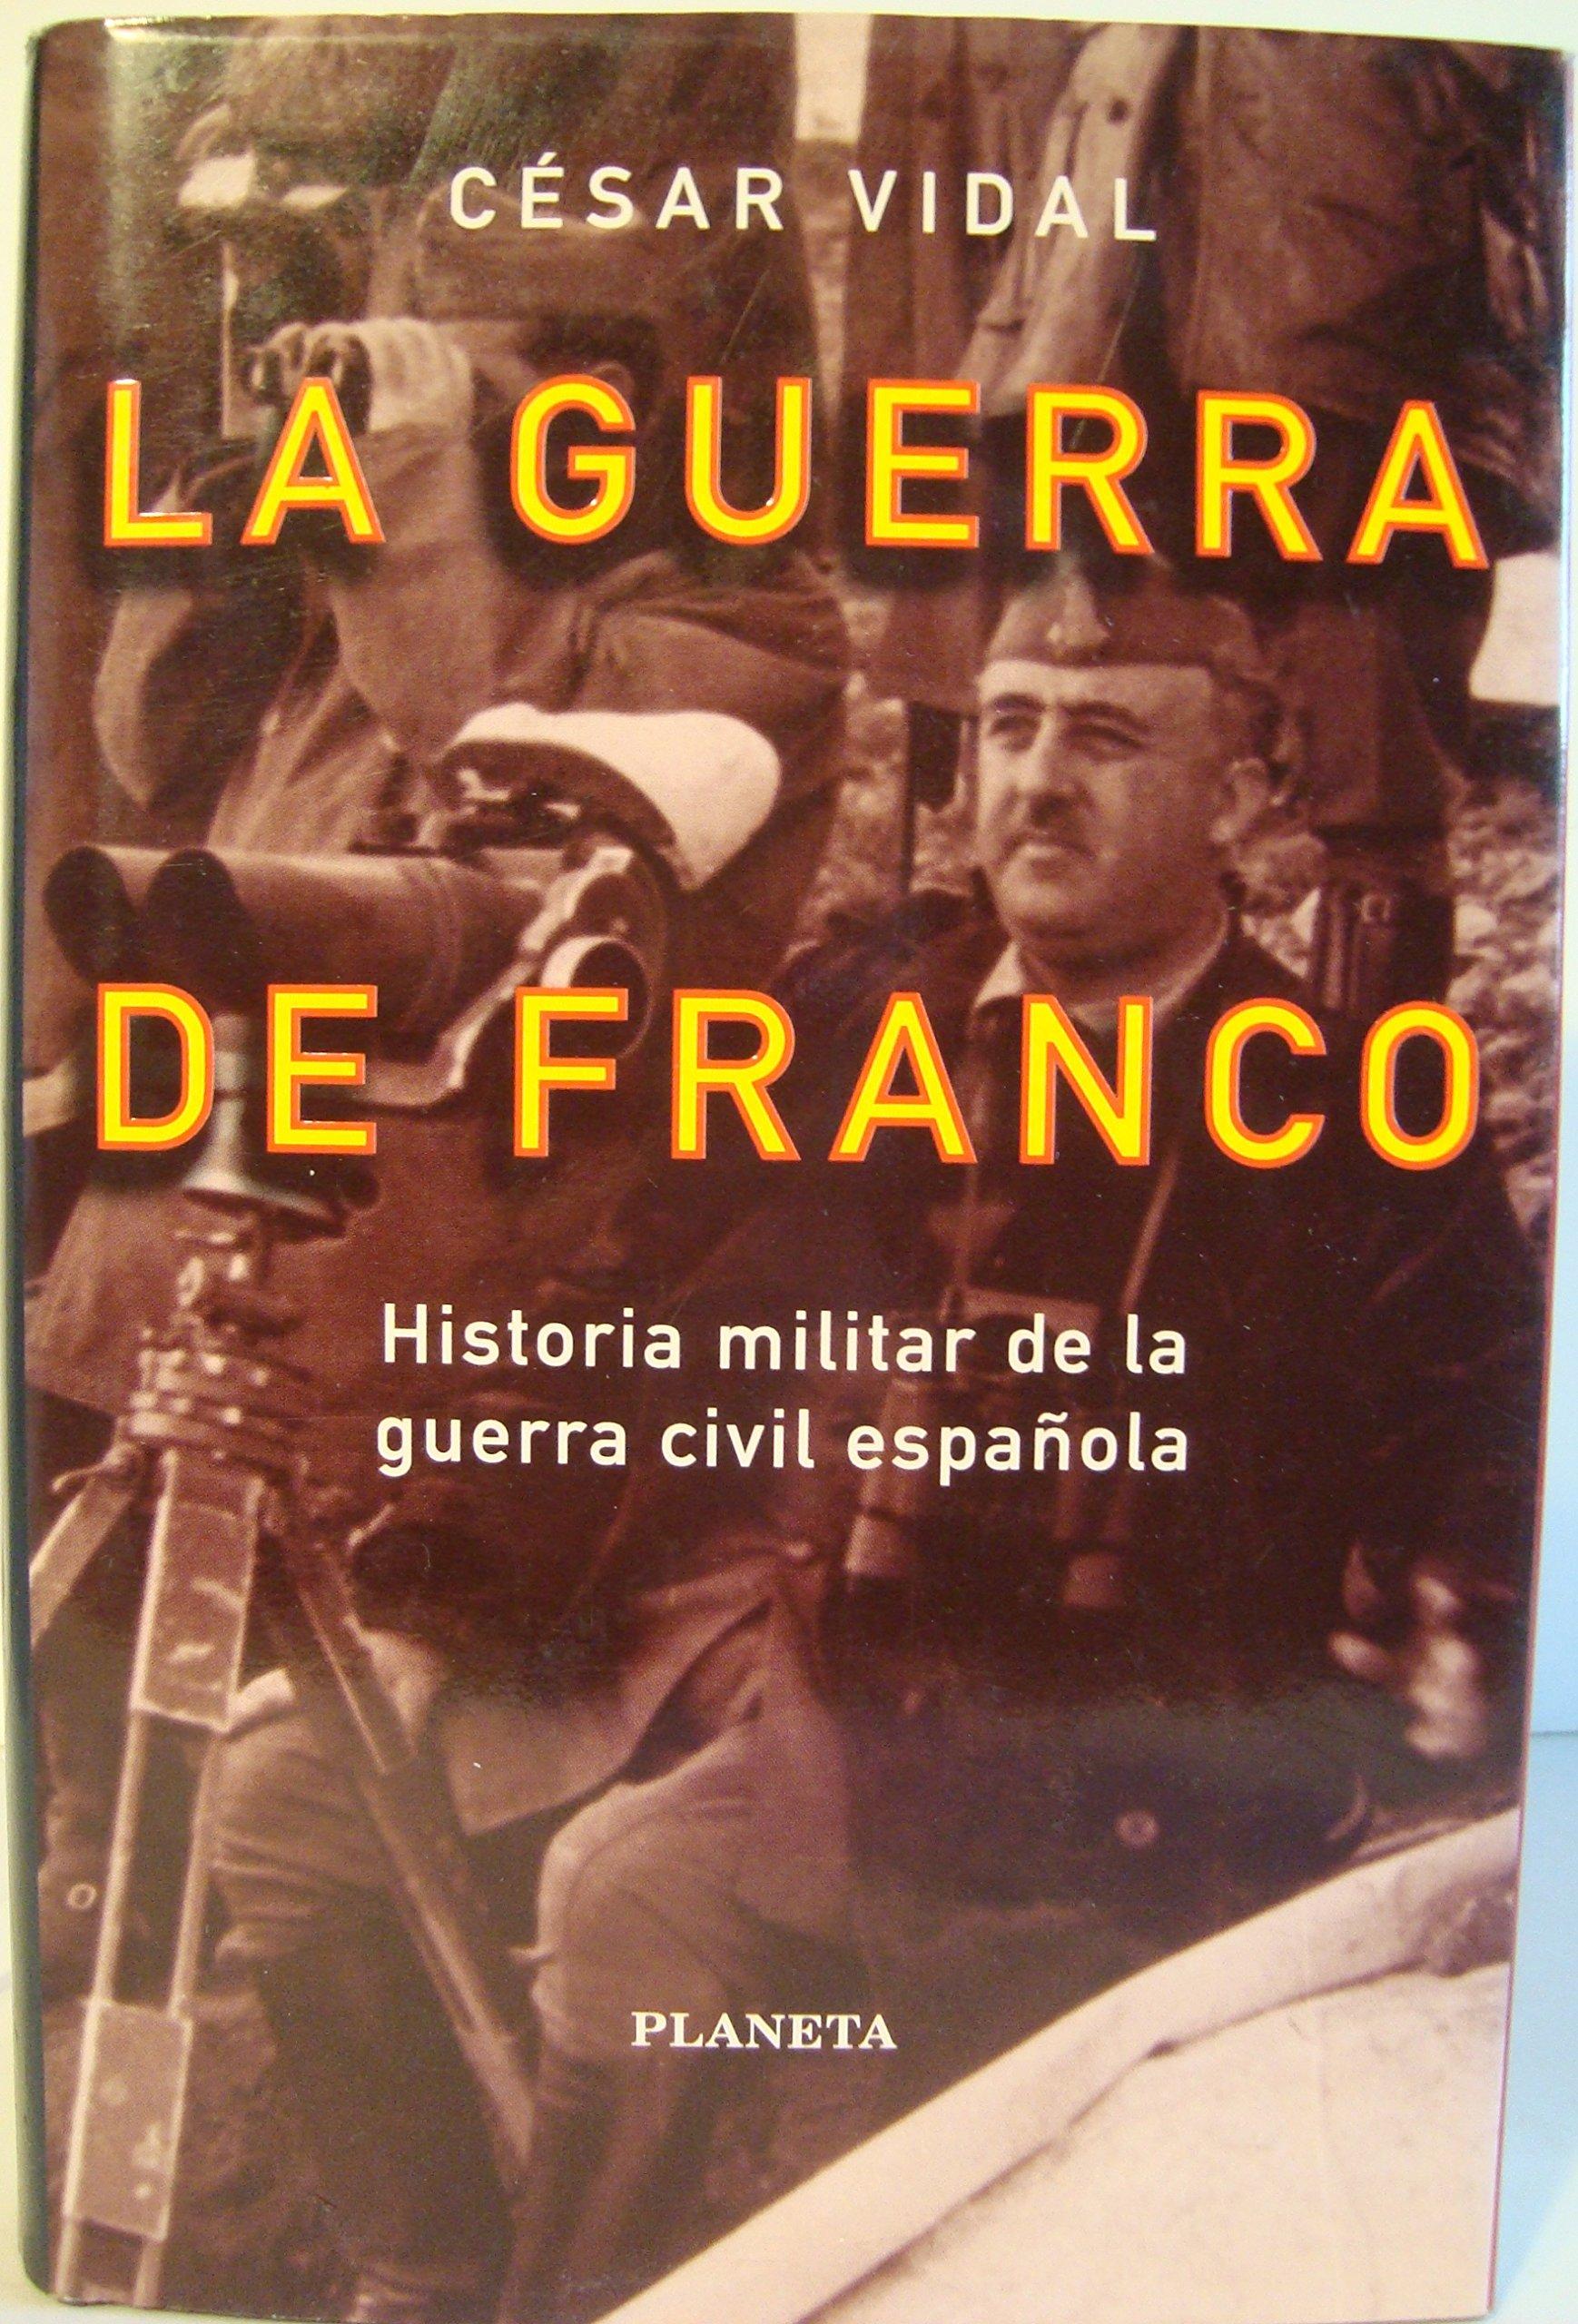 La Guerra de Franco - hª militar de la Guerra civil española La ...